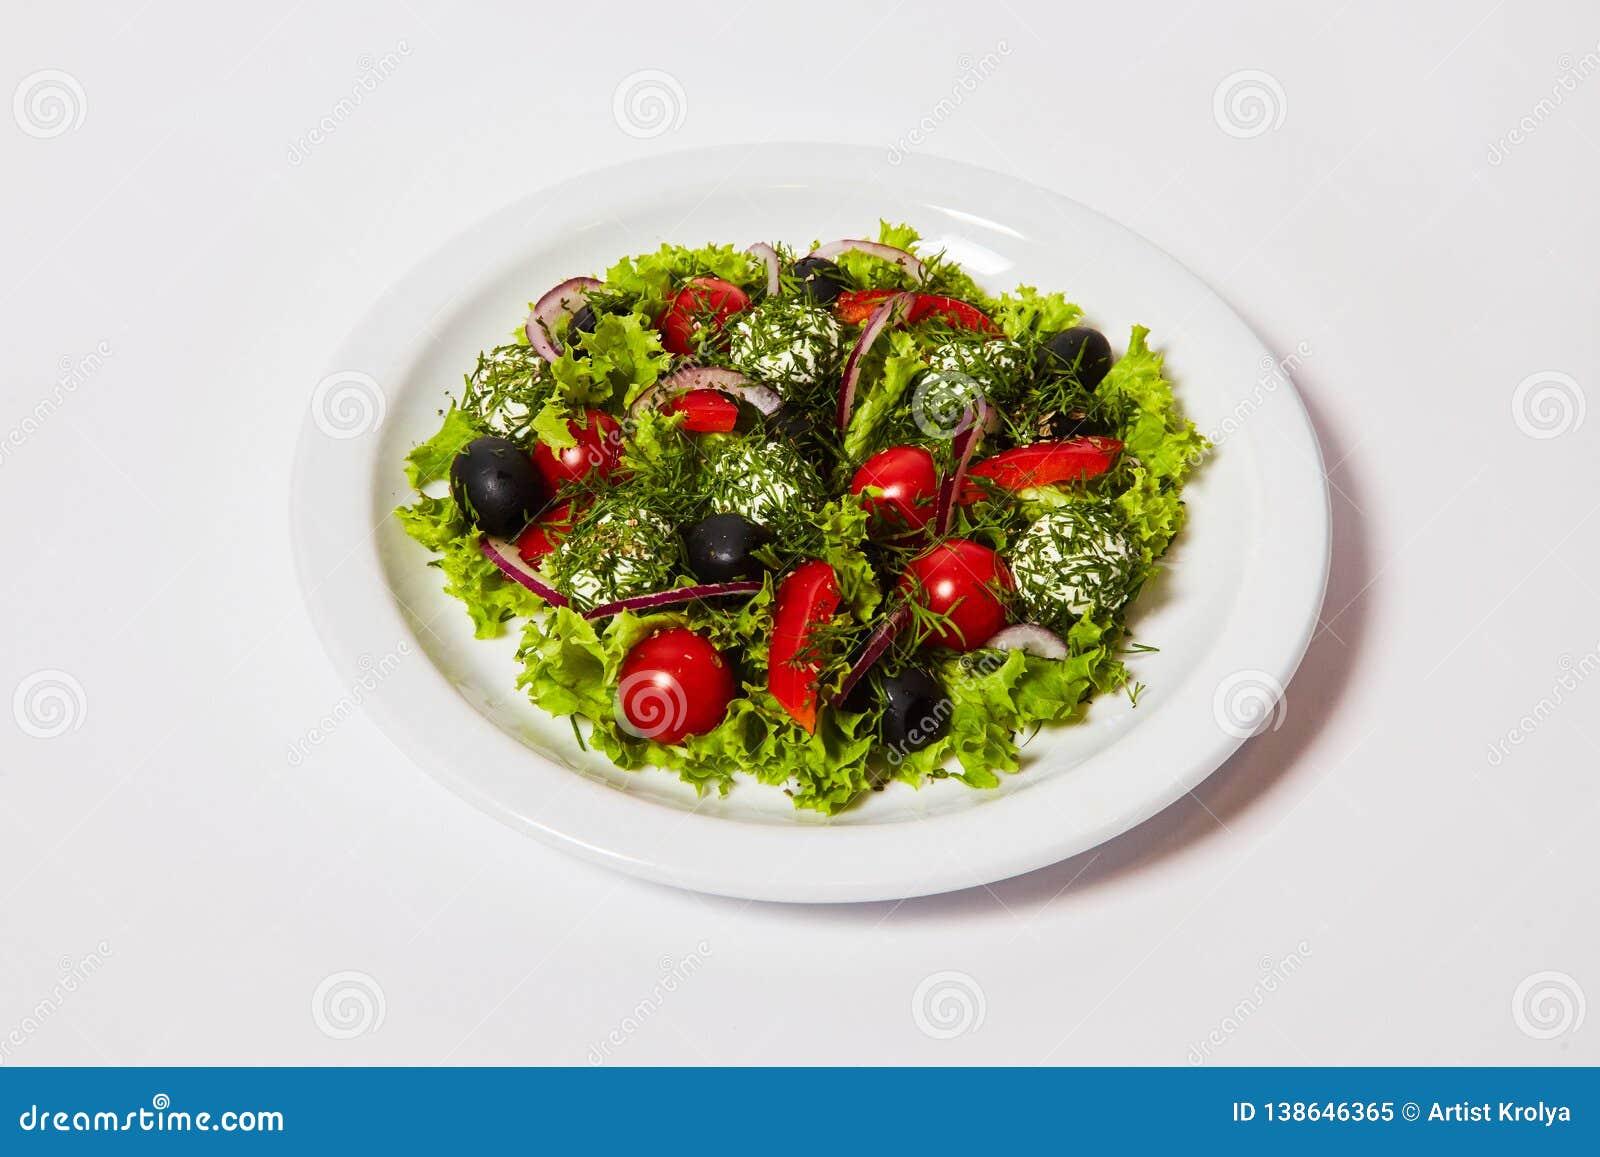 Ιταλική σαλάτα σφαιρών τυριών με τις ντομάτες και τα φρέσκα λαχανικά στο πιάτο